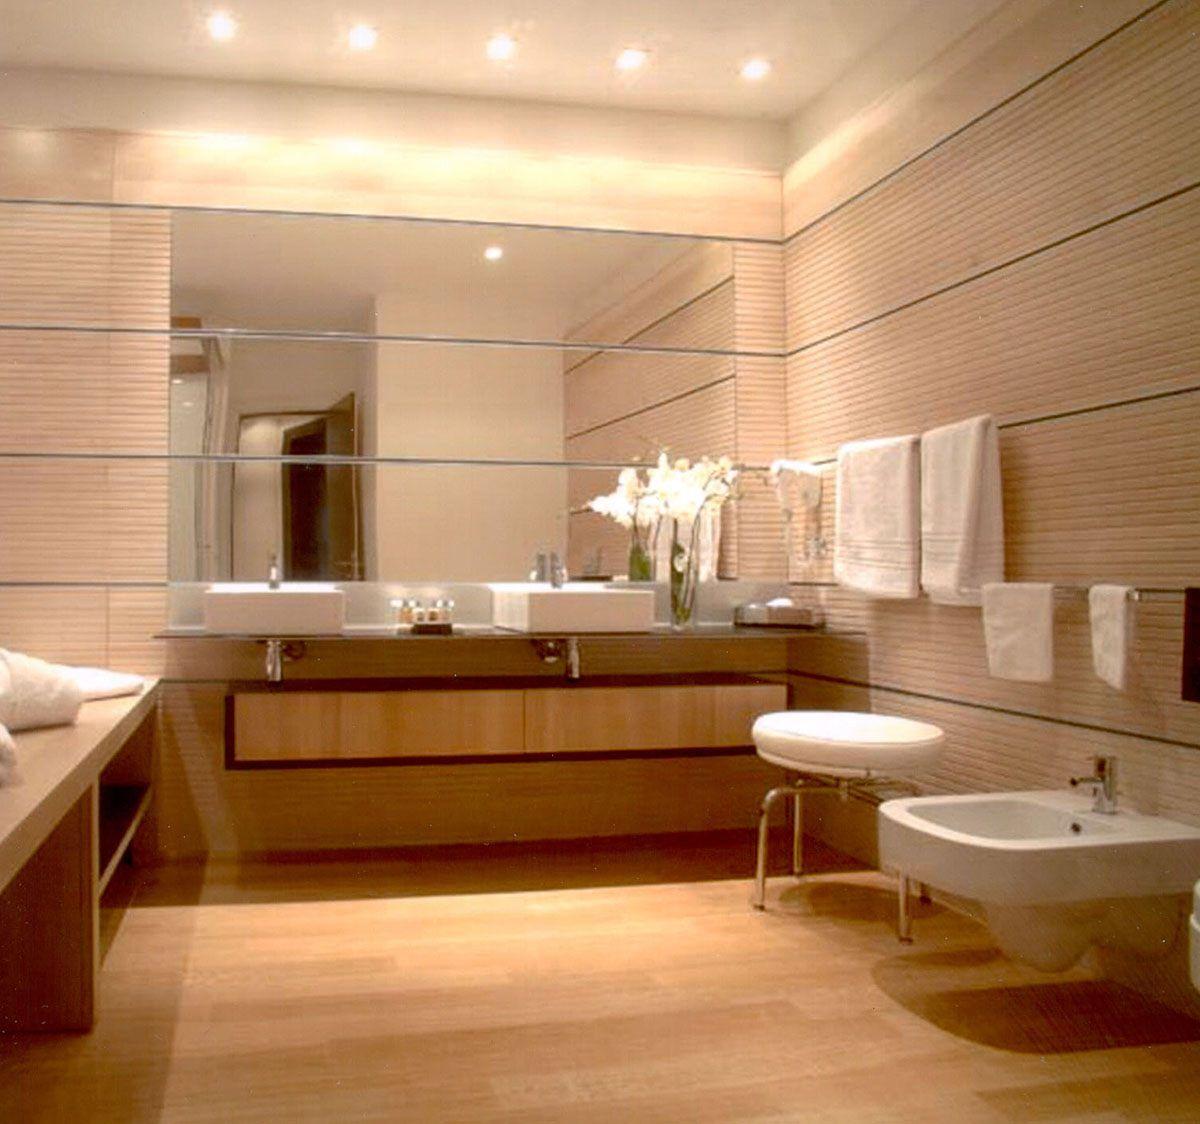 11 Parkett Im Badezimmer Holzboden Fur Die Wellnessoase Initiative Pik Badezimmer Holzboden Badezimmer Planen Badezimmer Design